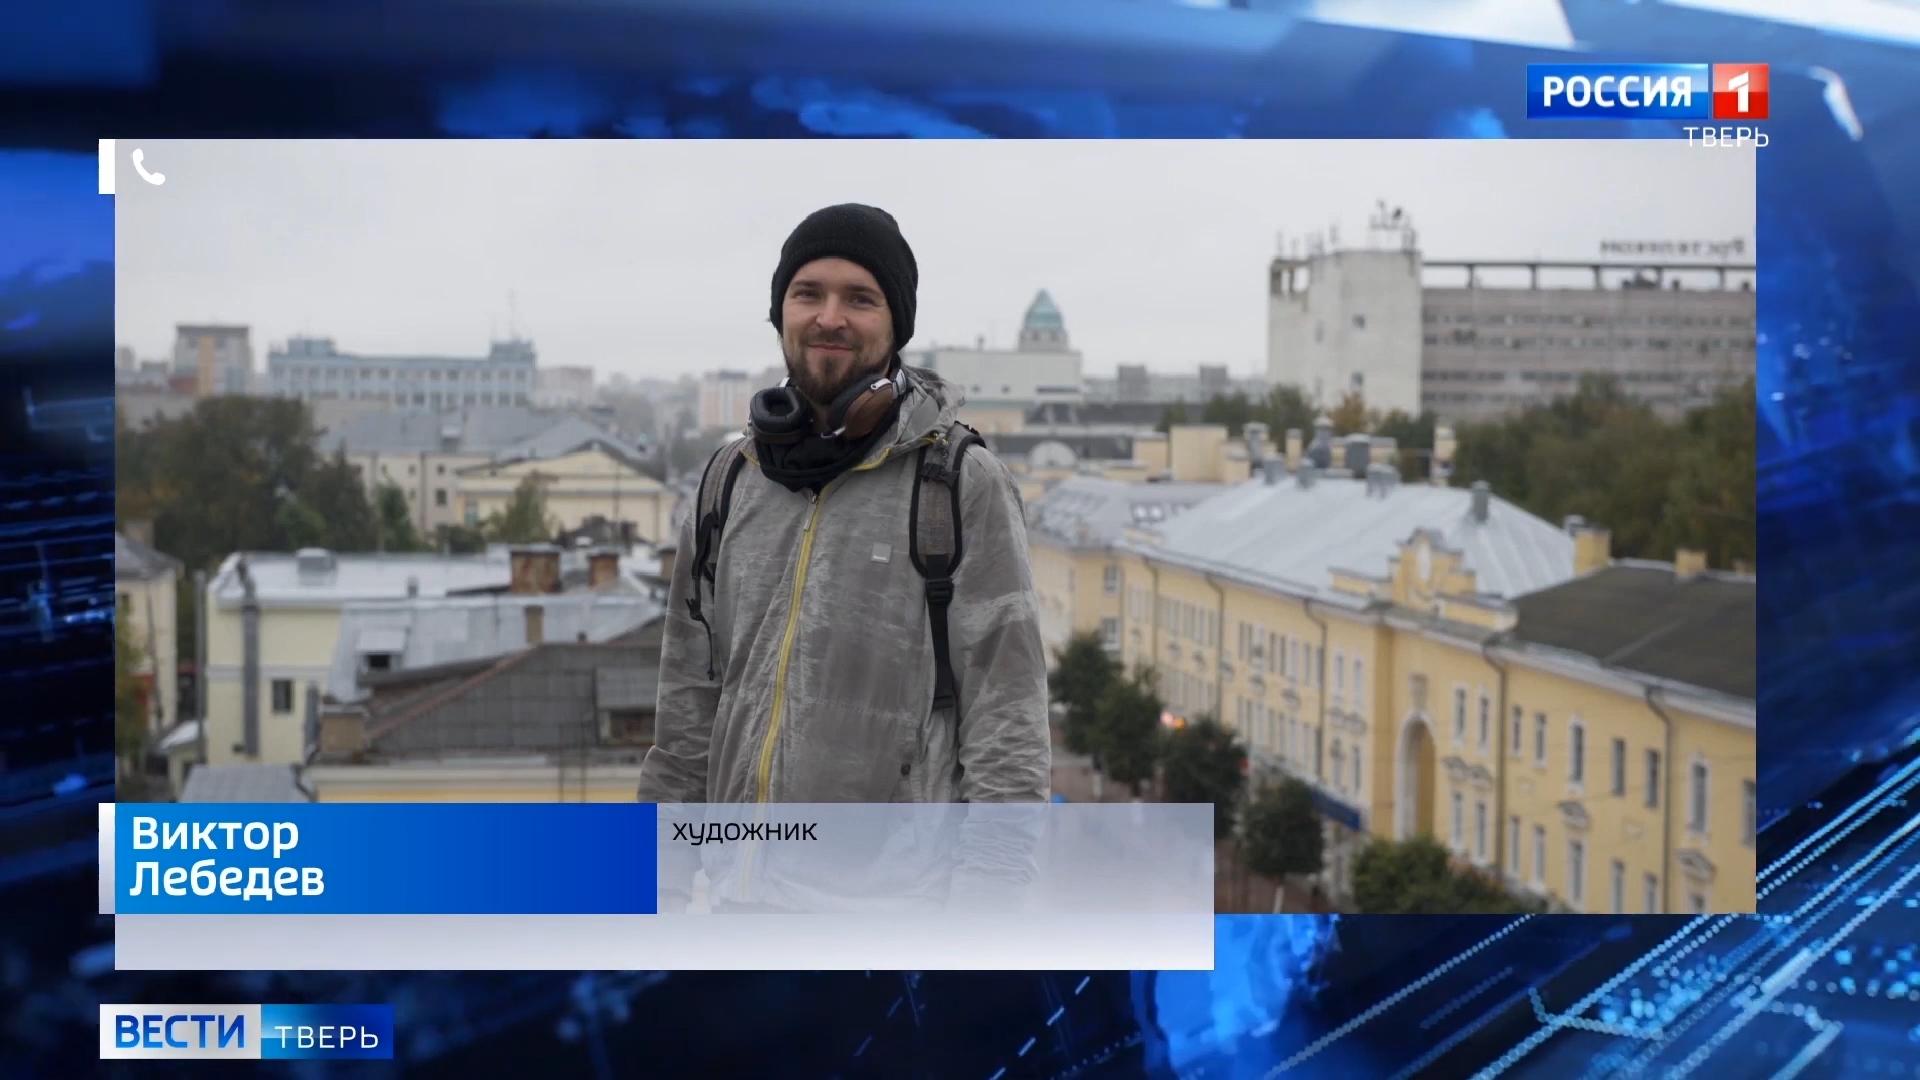 20200708_21-35-В Твери создадут новое граффити с изображением Александра Солженицына-scr17